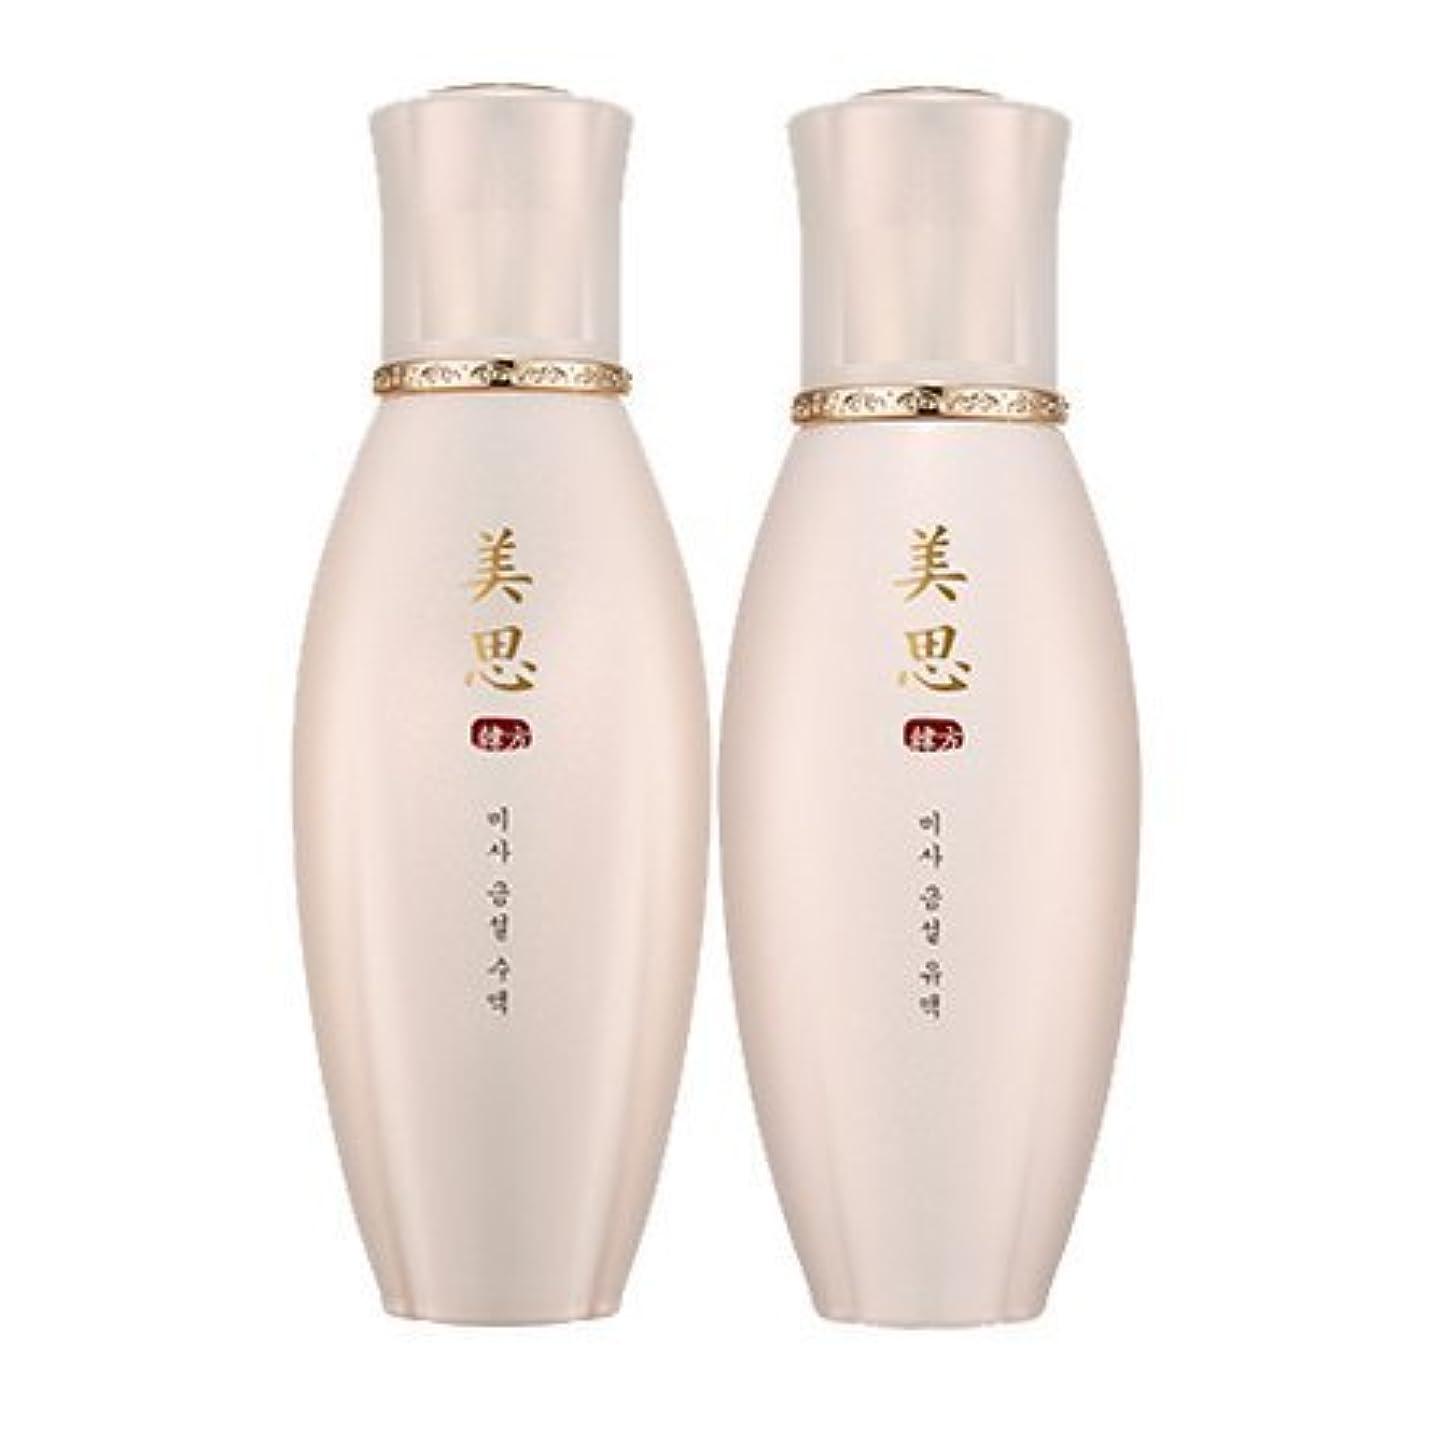 各打倒無力MISSHA(ミシャ) 美思 韓方 クムソル(金雪) 基礎化粧品 スキンケア 化粧水+乳液=お得2種Set